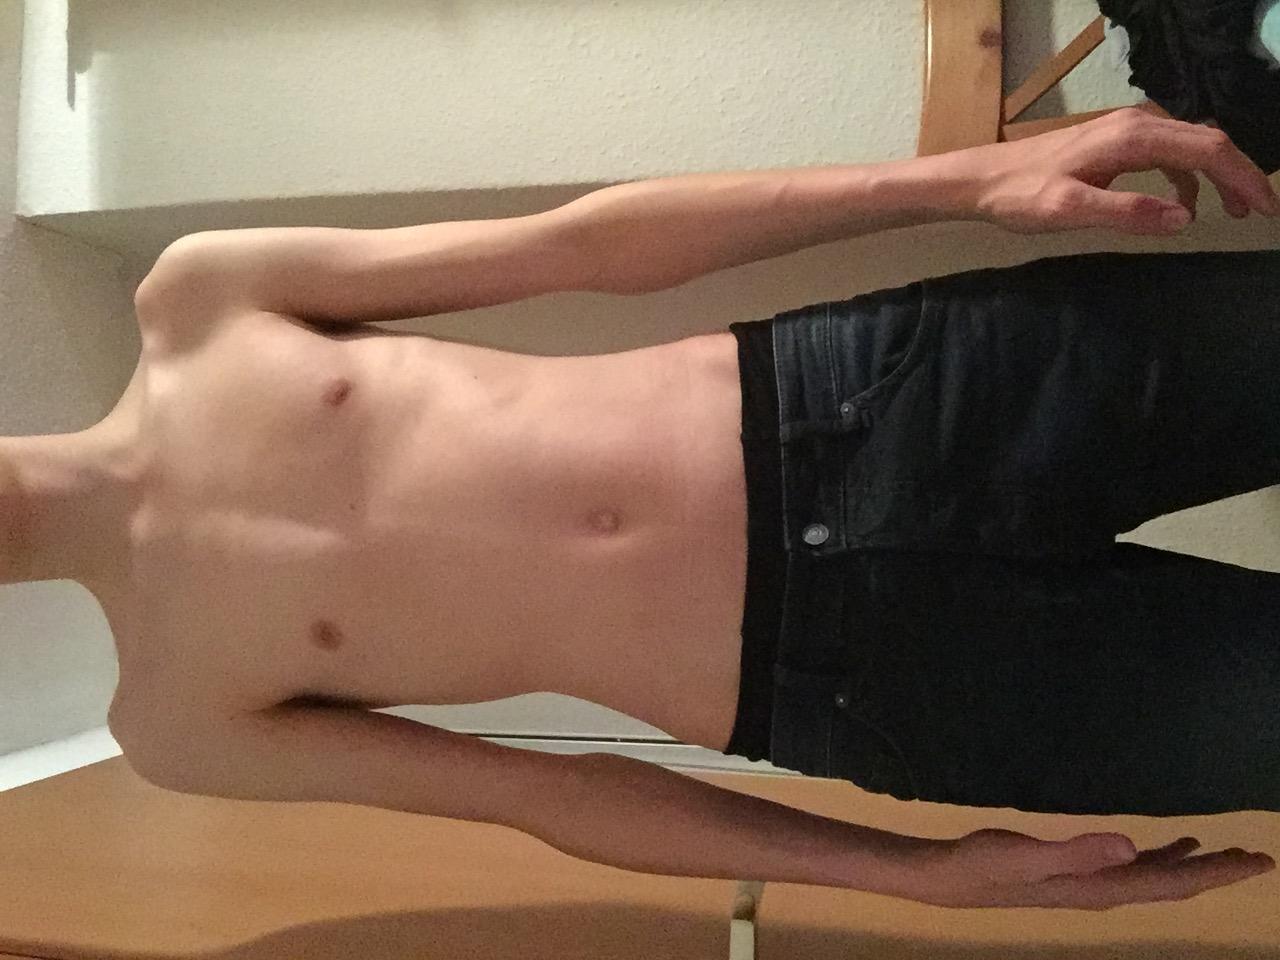 Bin ich zu dünn? oder ist das schon gut so? (Körper, Junge)